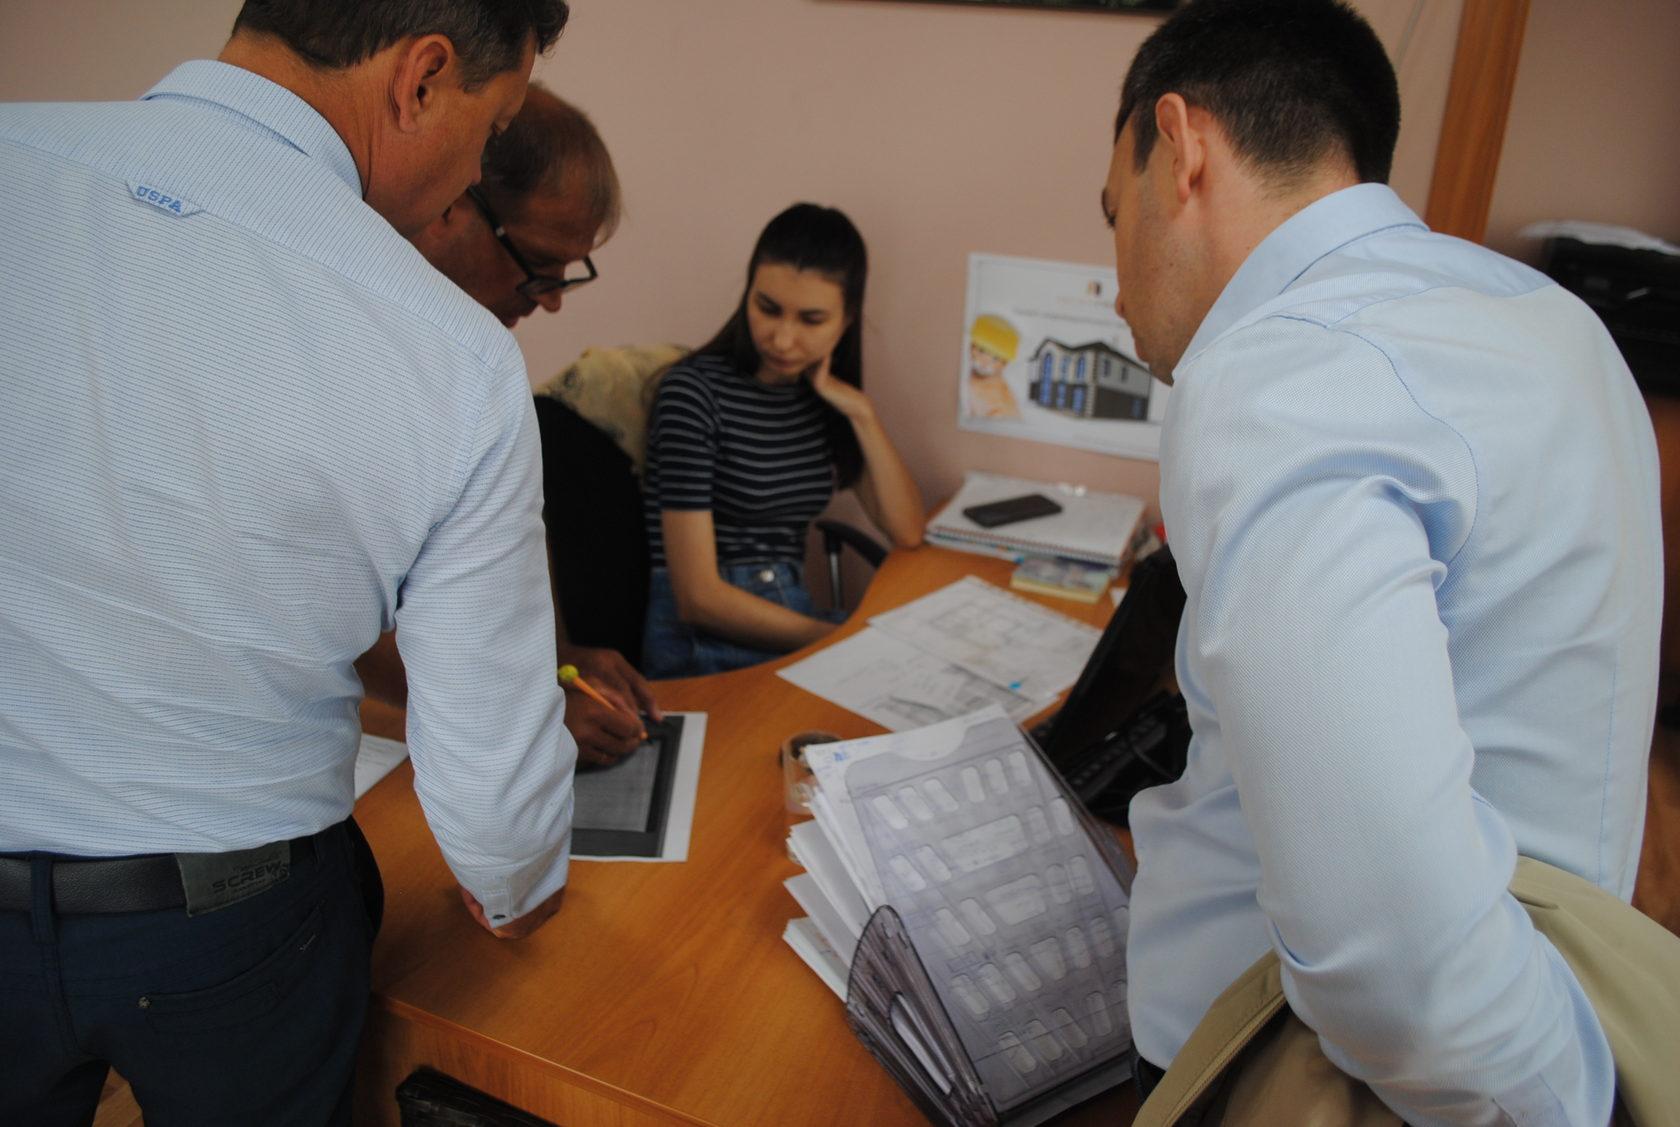 Обсуждение деталей проекта в команде Легенград